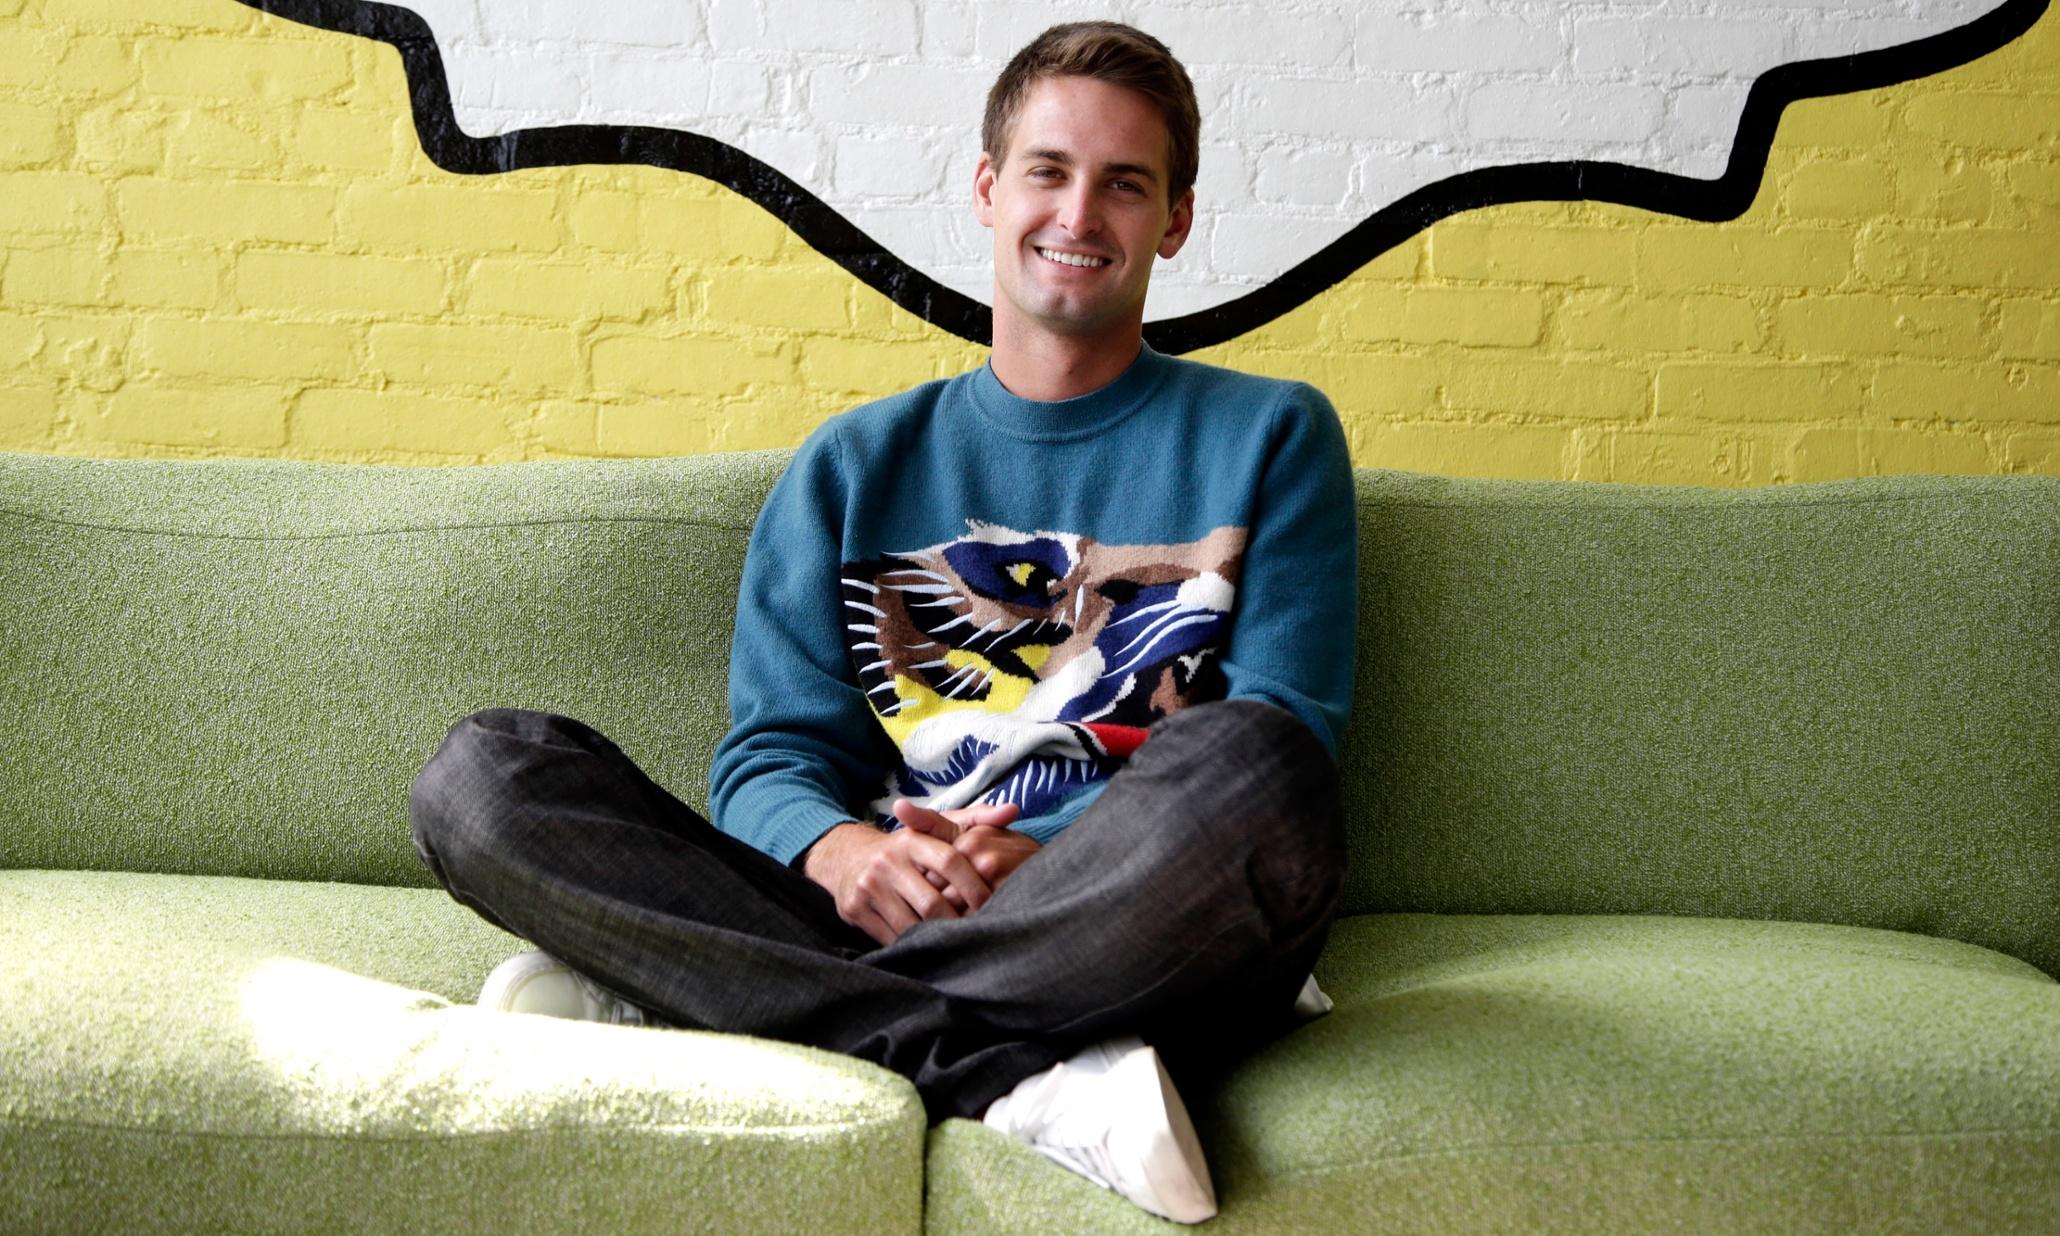 tỷ phú trẻ nhất thế giới, Evan Spiegel, Snapchat